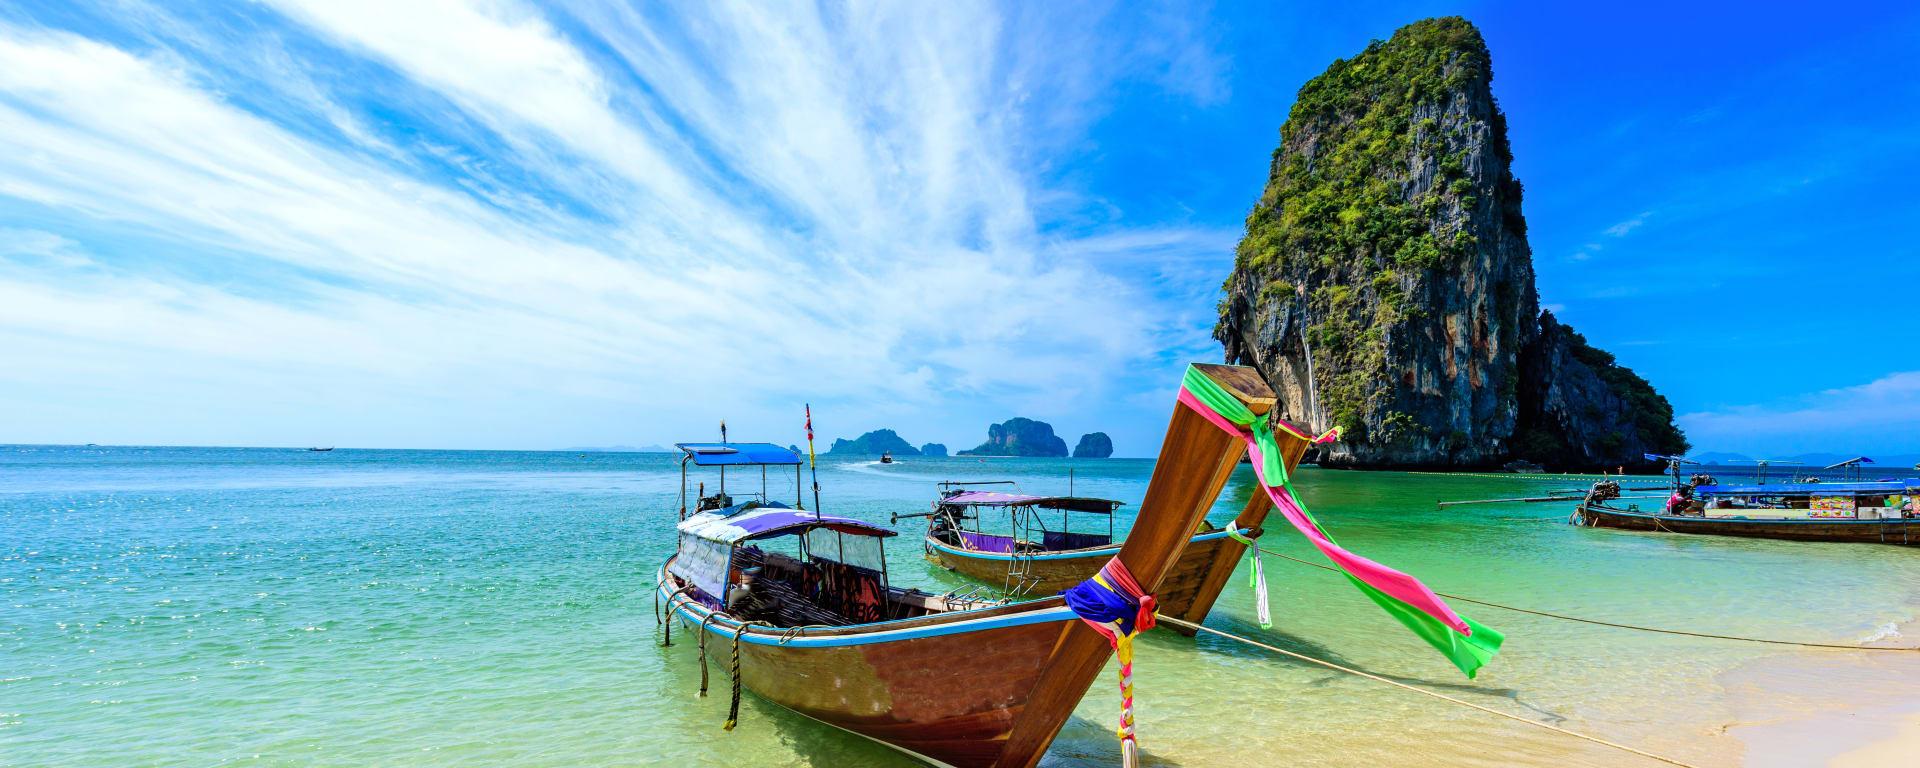 Thailand entdecken mit Tischler Reisen: Thailand Kabi Ao Phra Nang Beach